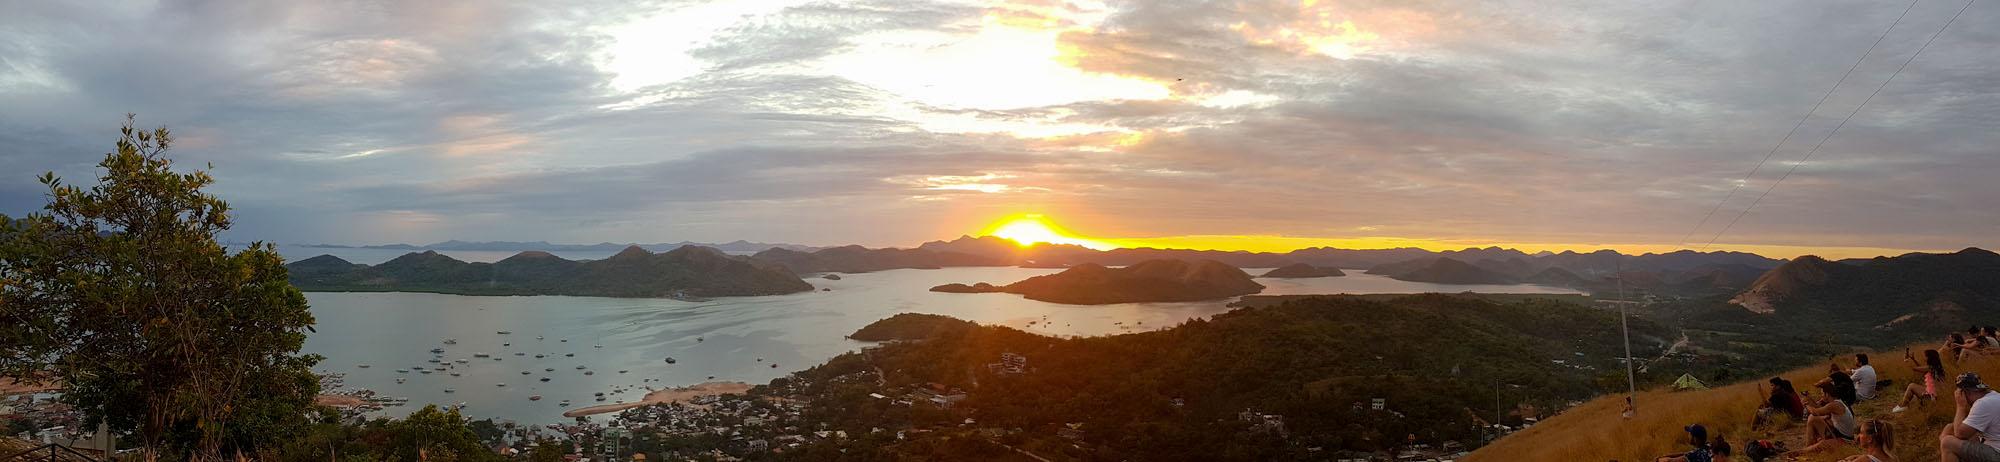 Philippines Coron Mont Tapyas coucher de soleil